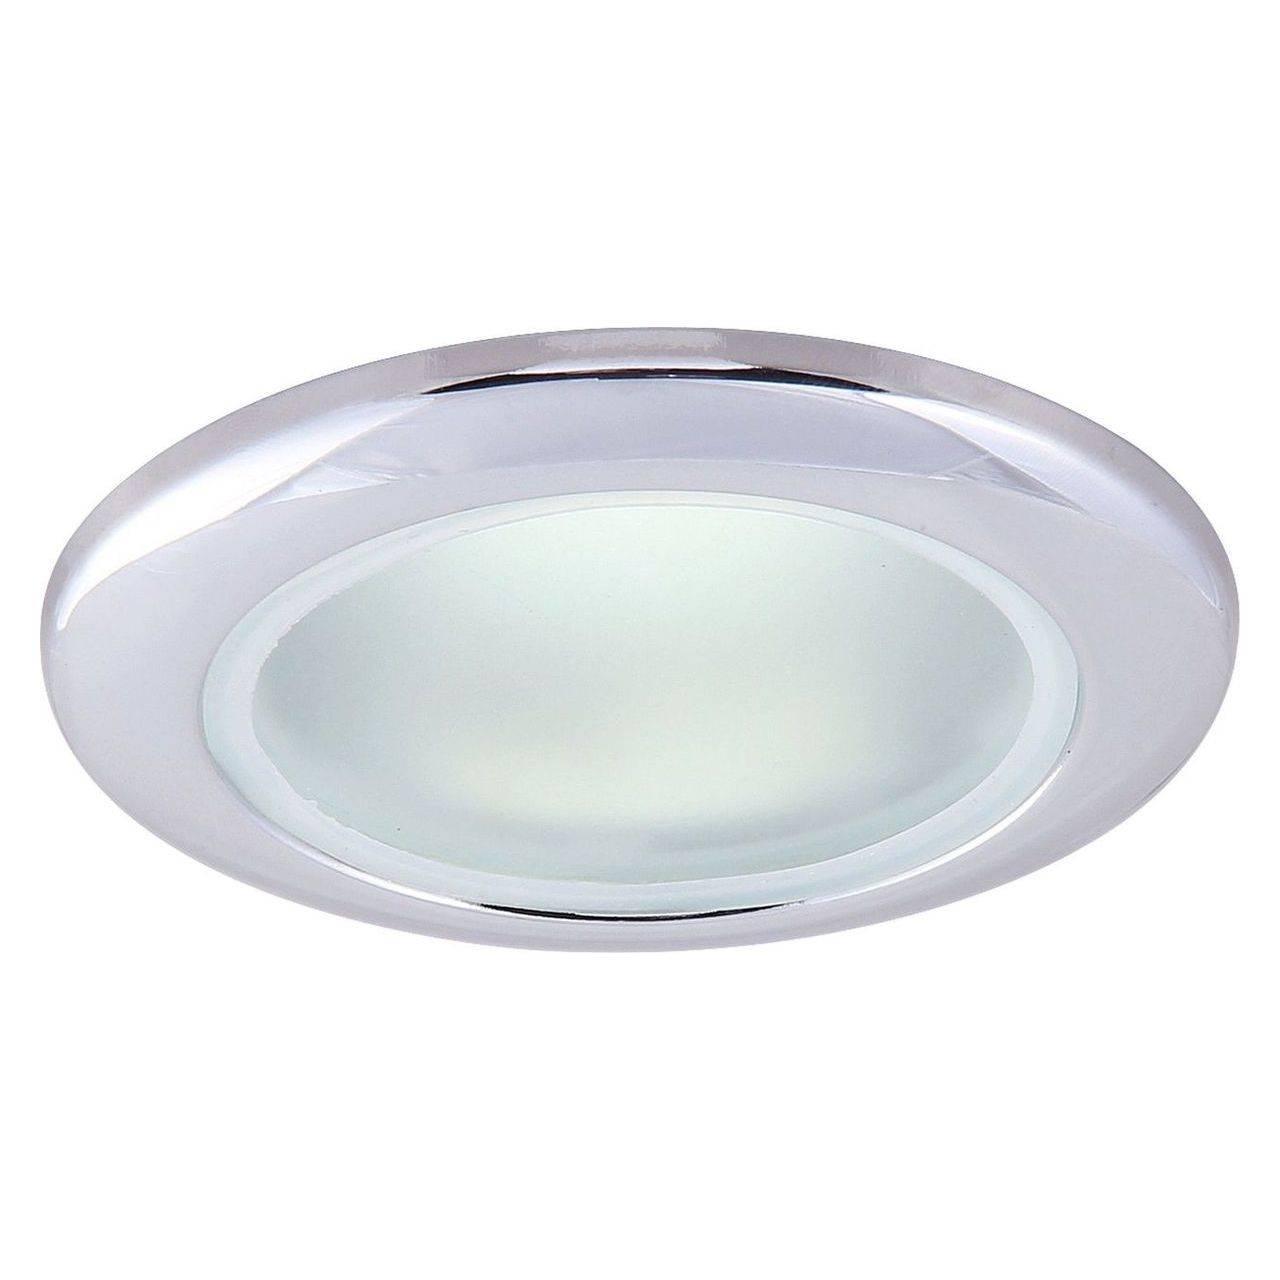 Встраиваемый светильник Arte Lamp Aqua A2024PL-1CC все цены